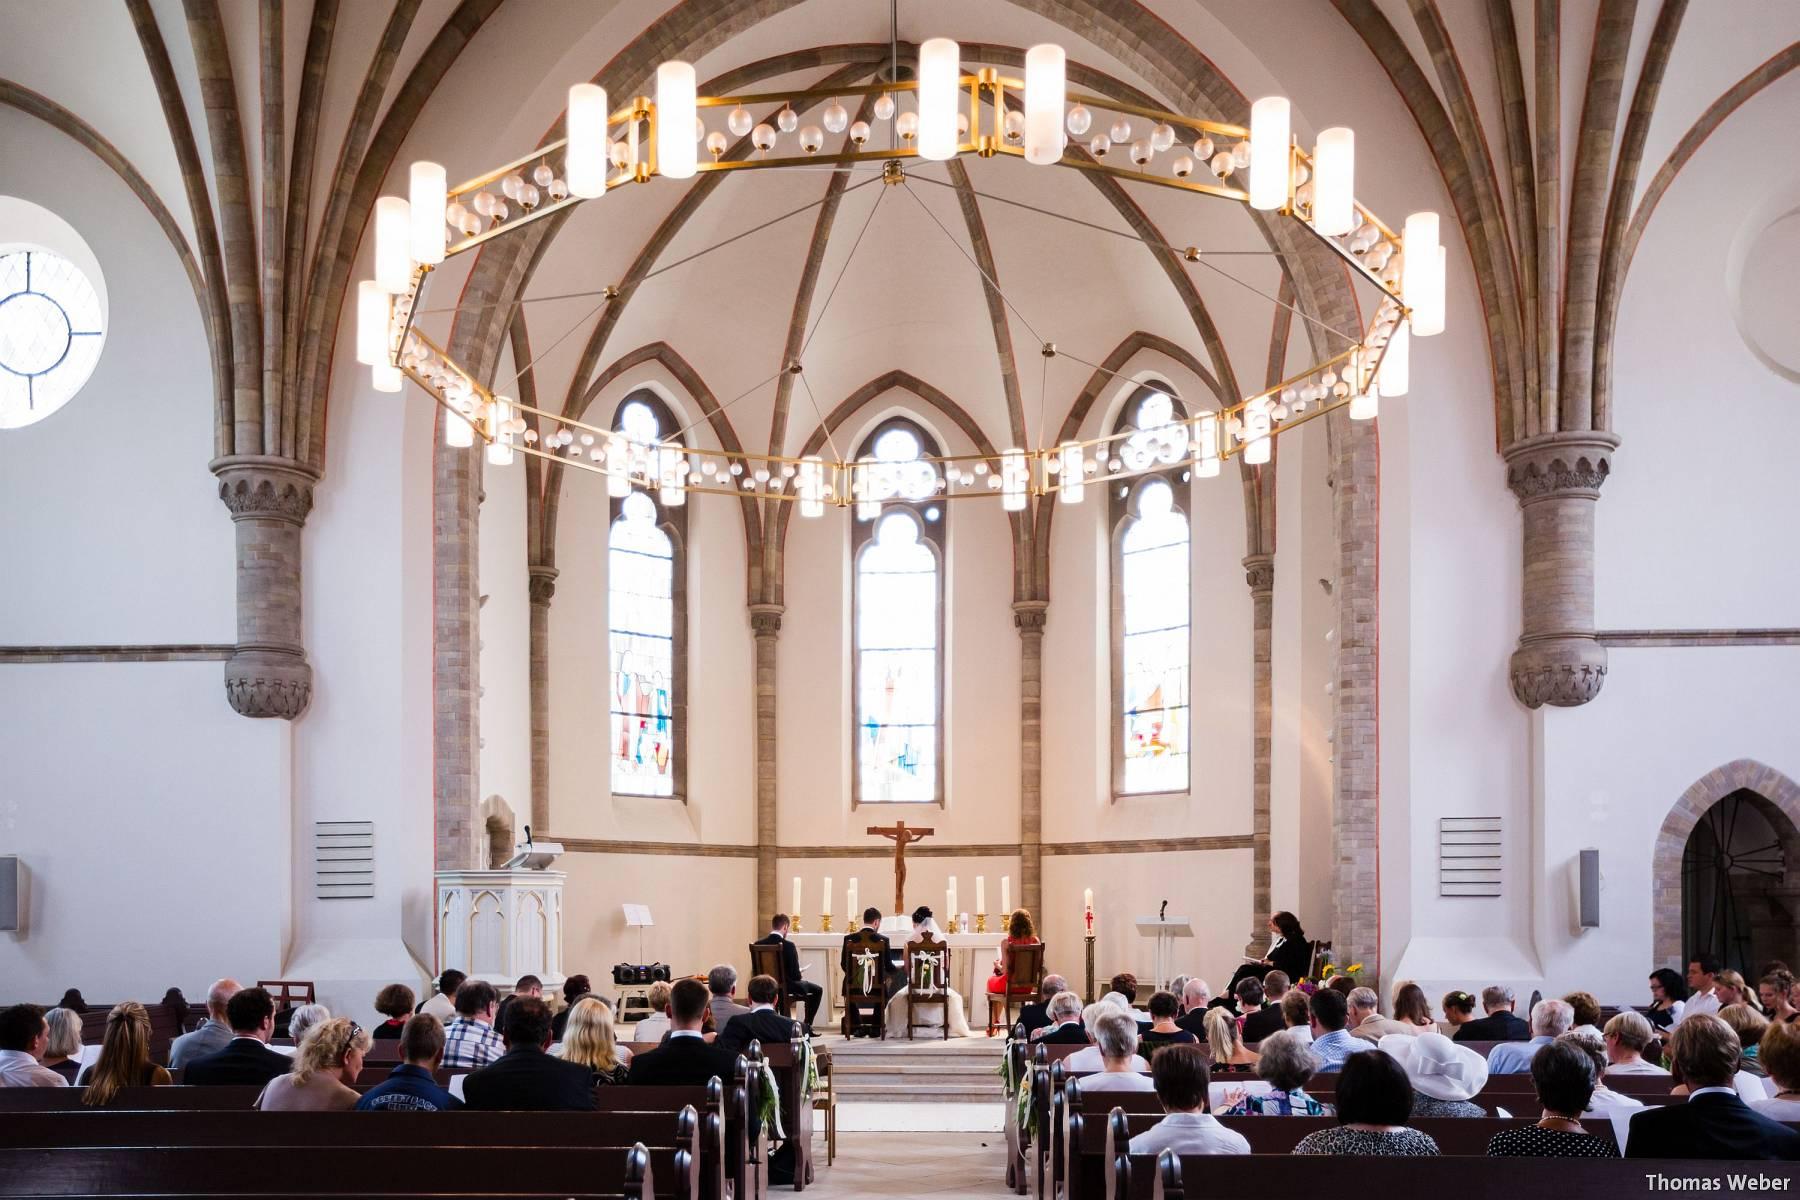 Hochzeitsfotograf Oldenburg: Kirchliche Trauung in der Garnisonkirche Oldenburg und Feier im Landhaus Etzhorn Oldenburg (8)